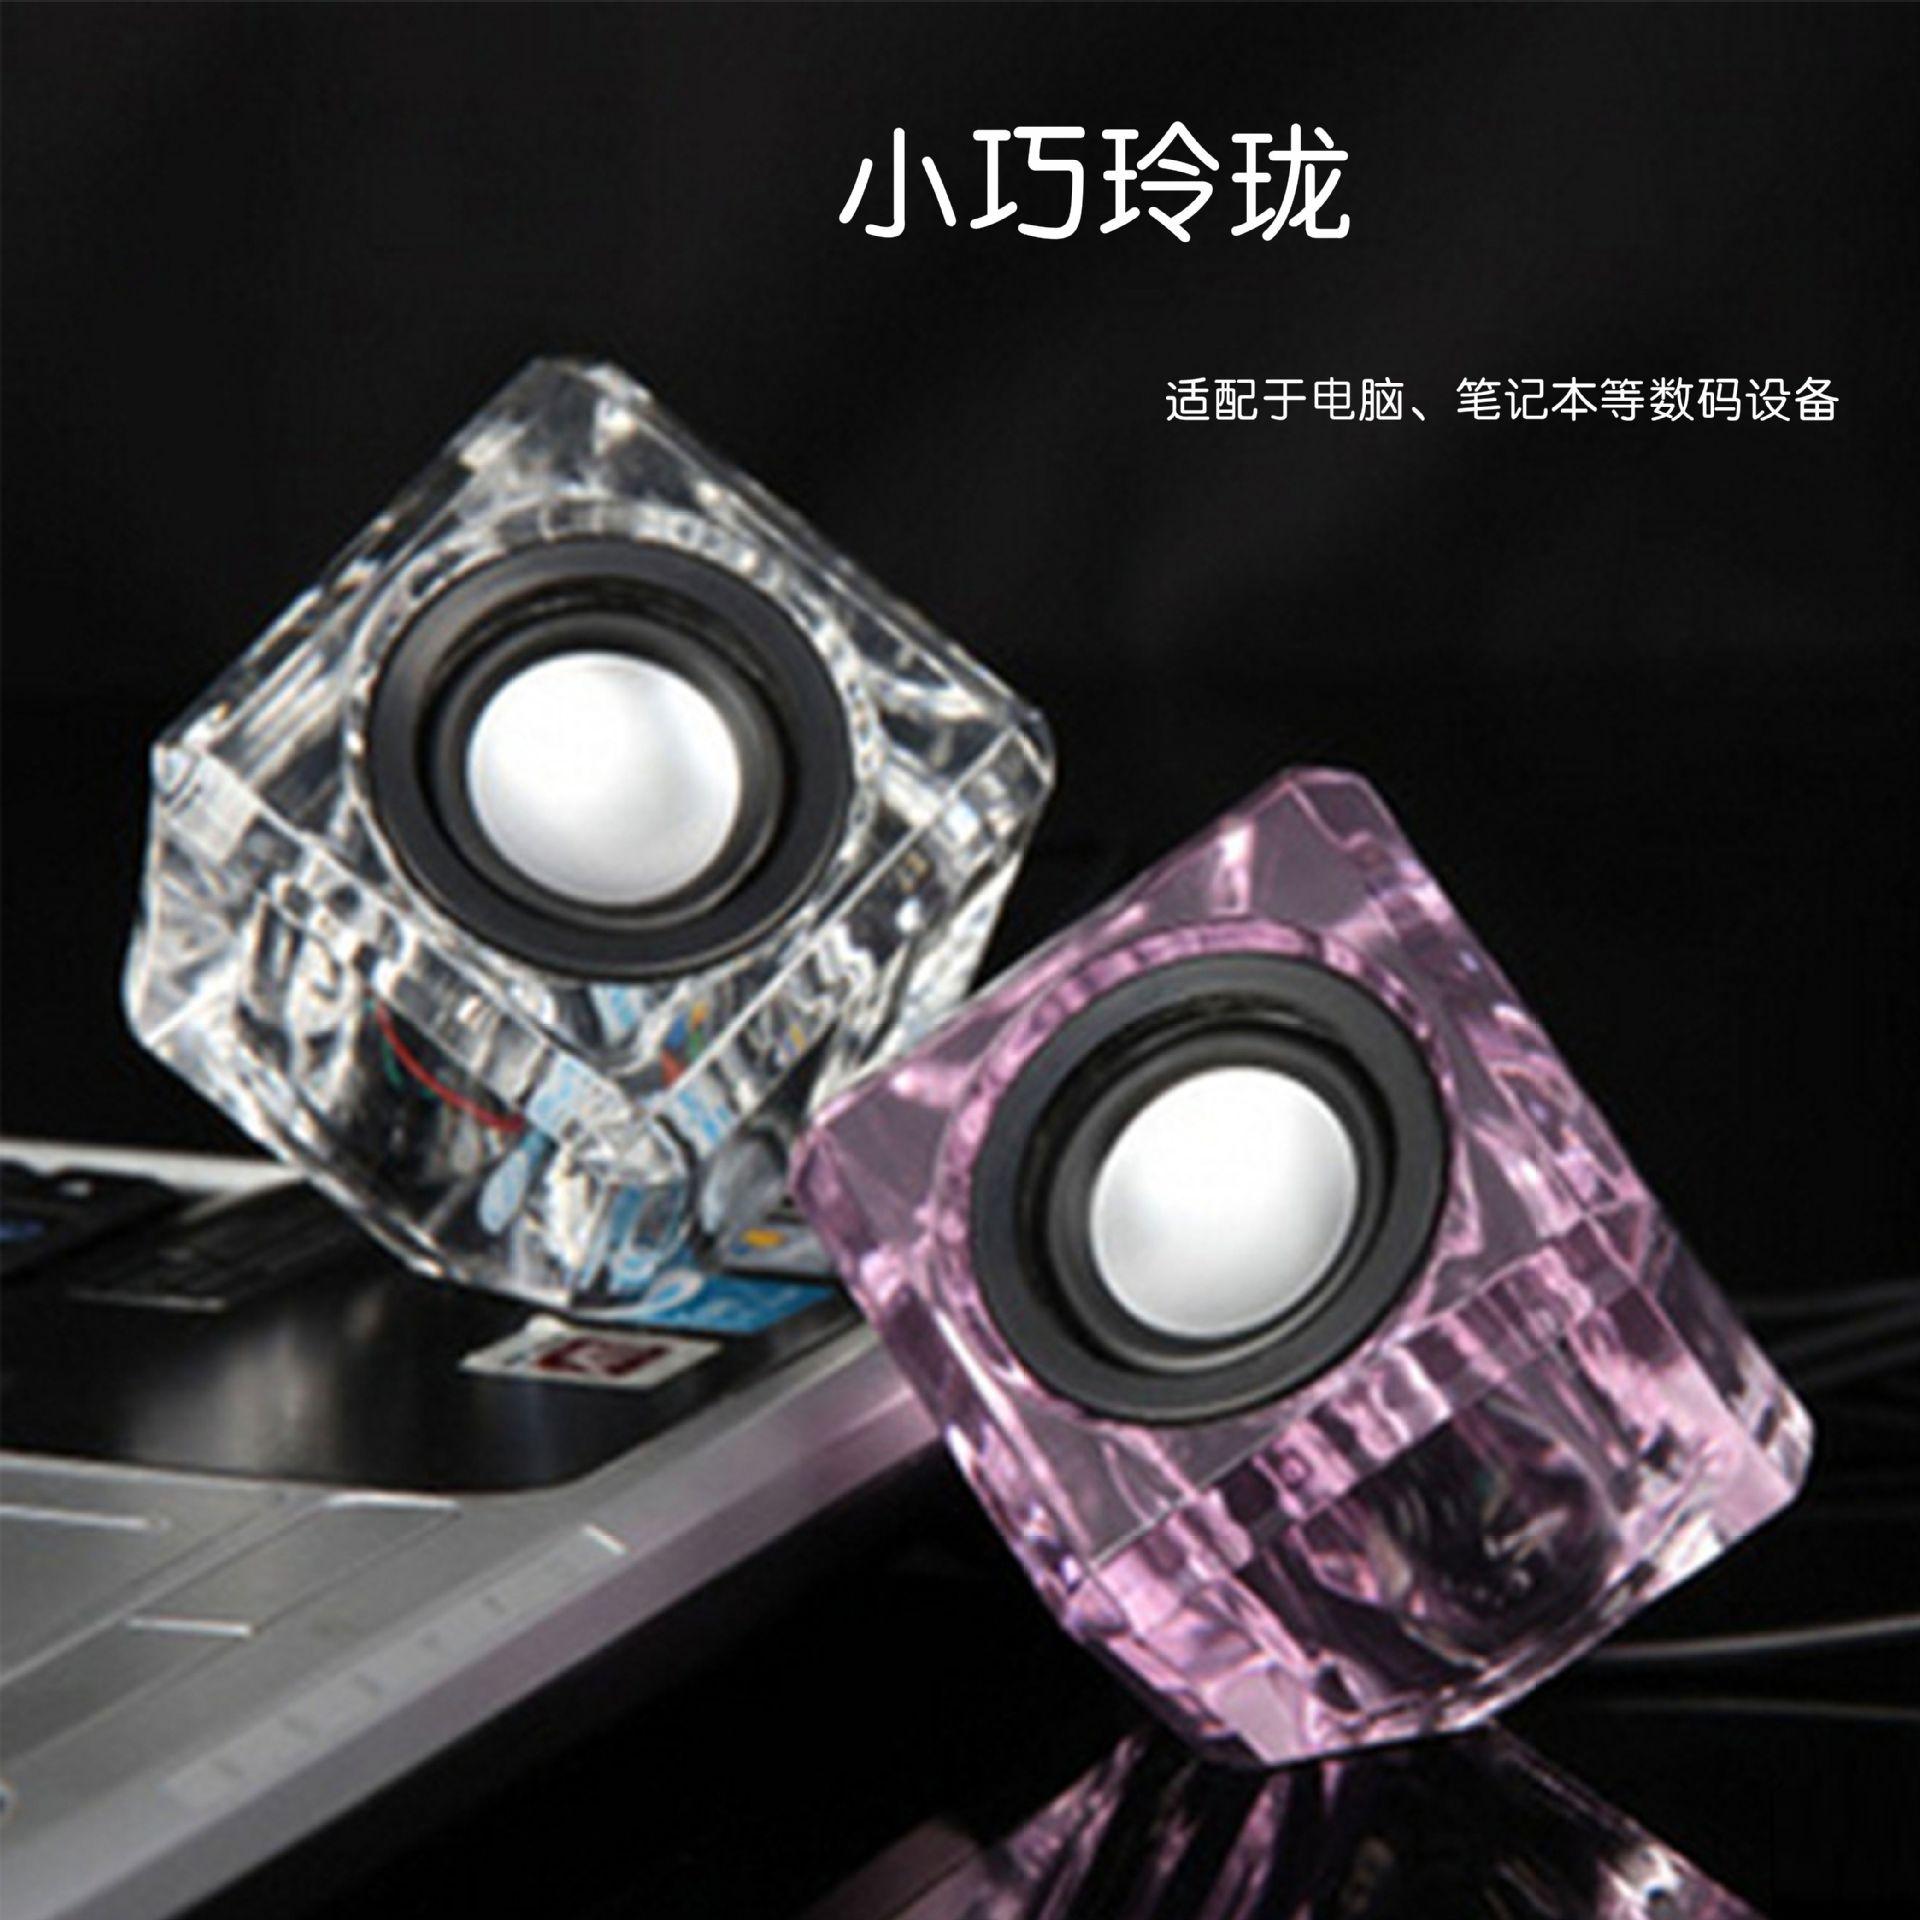 MüHsam Computer Led Kristall Lautsprecher Licht Mini Usb Computer Kleine Sound Desktop Lautsprecher Subwoofer 3,5mm Audio Stecker Und Usb 2.0 Schrecklicher Wert Lautsprecher